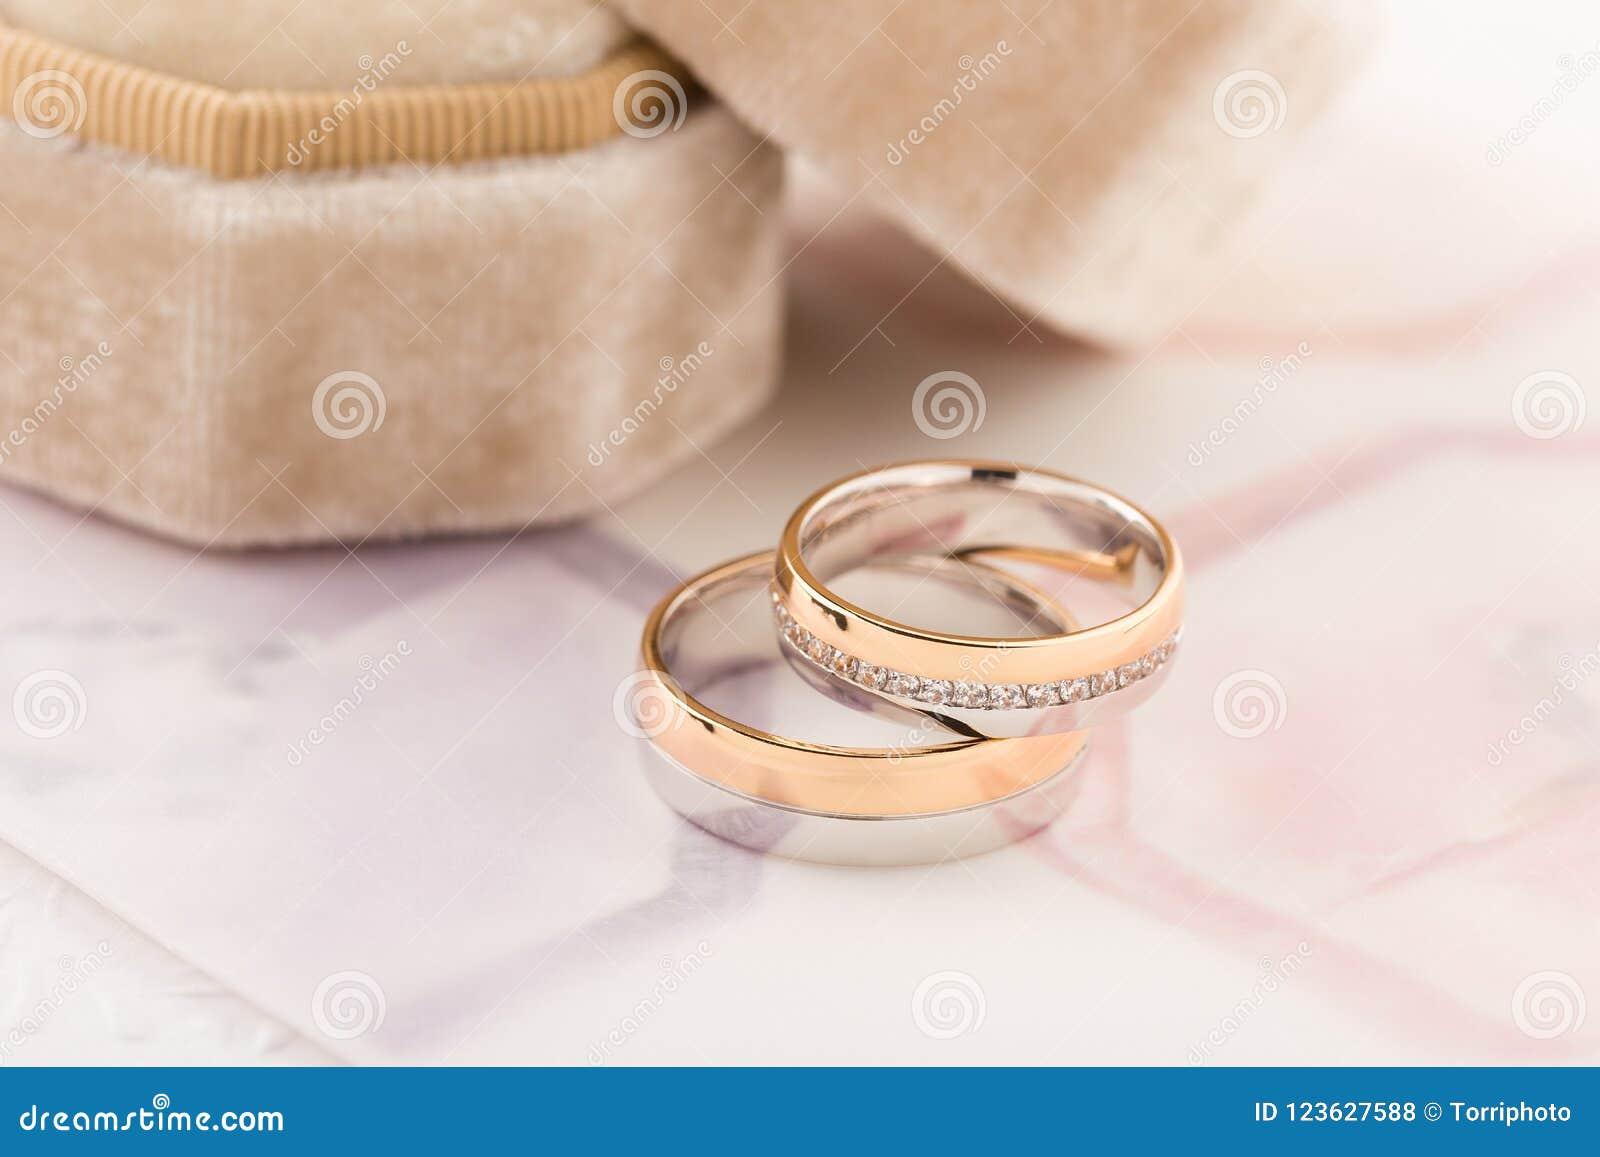 Anneaux De Mariage à Deux Tons Or Et Argent Roses Photo